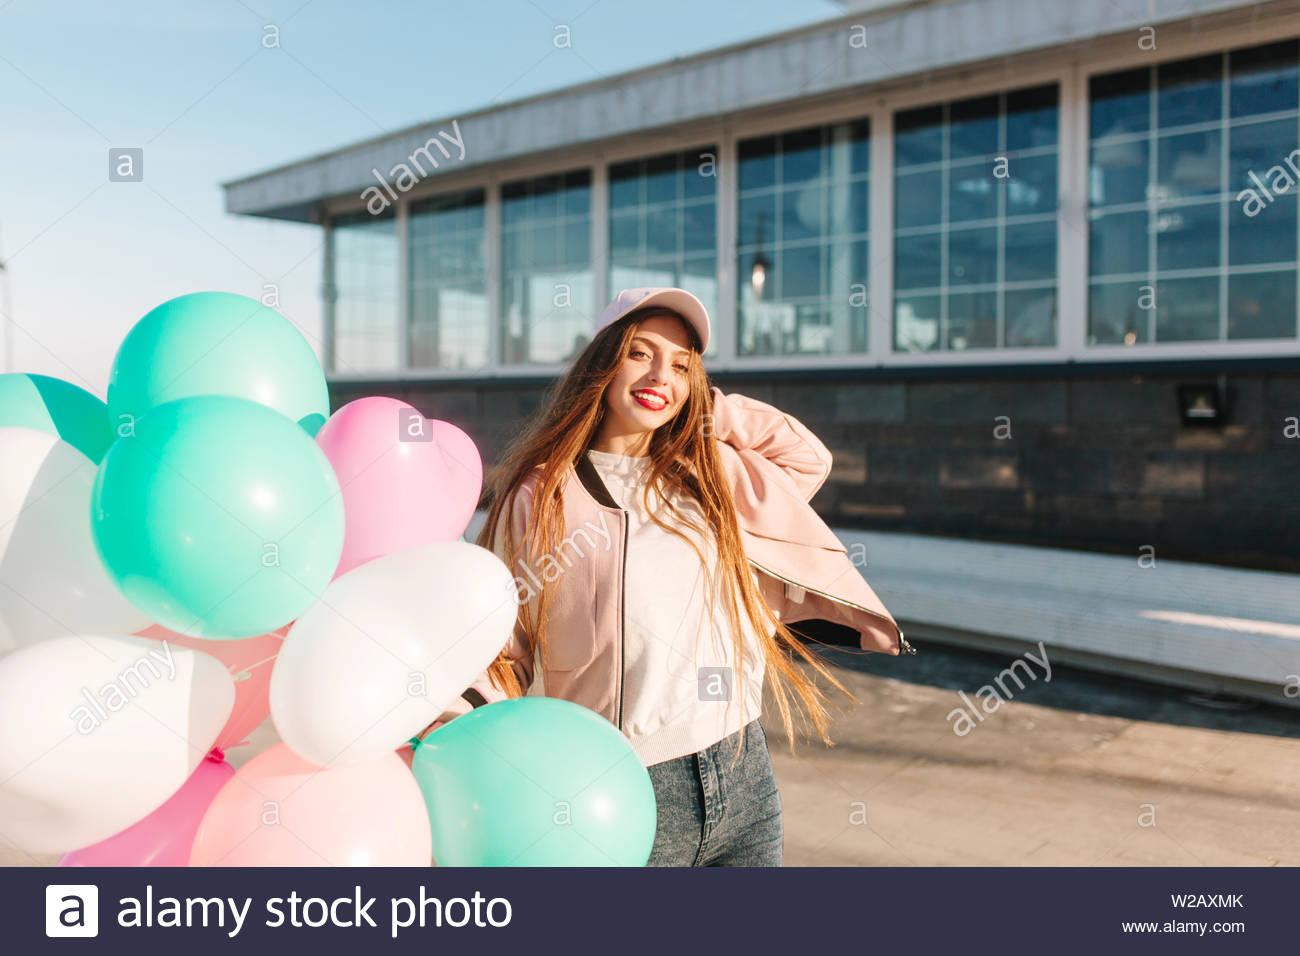 d1892c126c Attraente ragazza bruna con scintillante sorriso lieto di posa holding  palloni di elio dopo la passeggiata